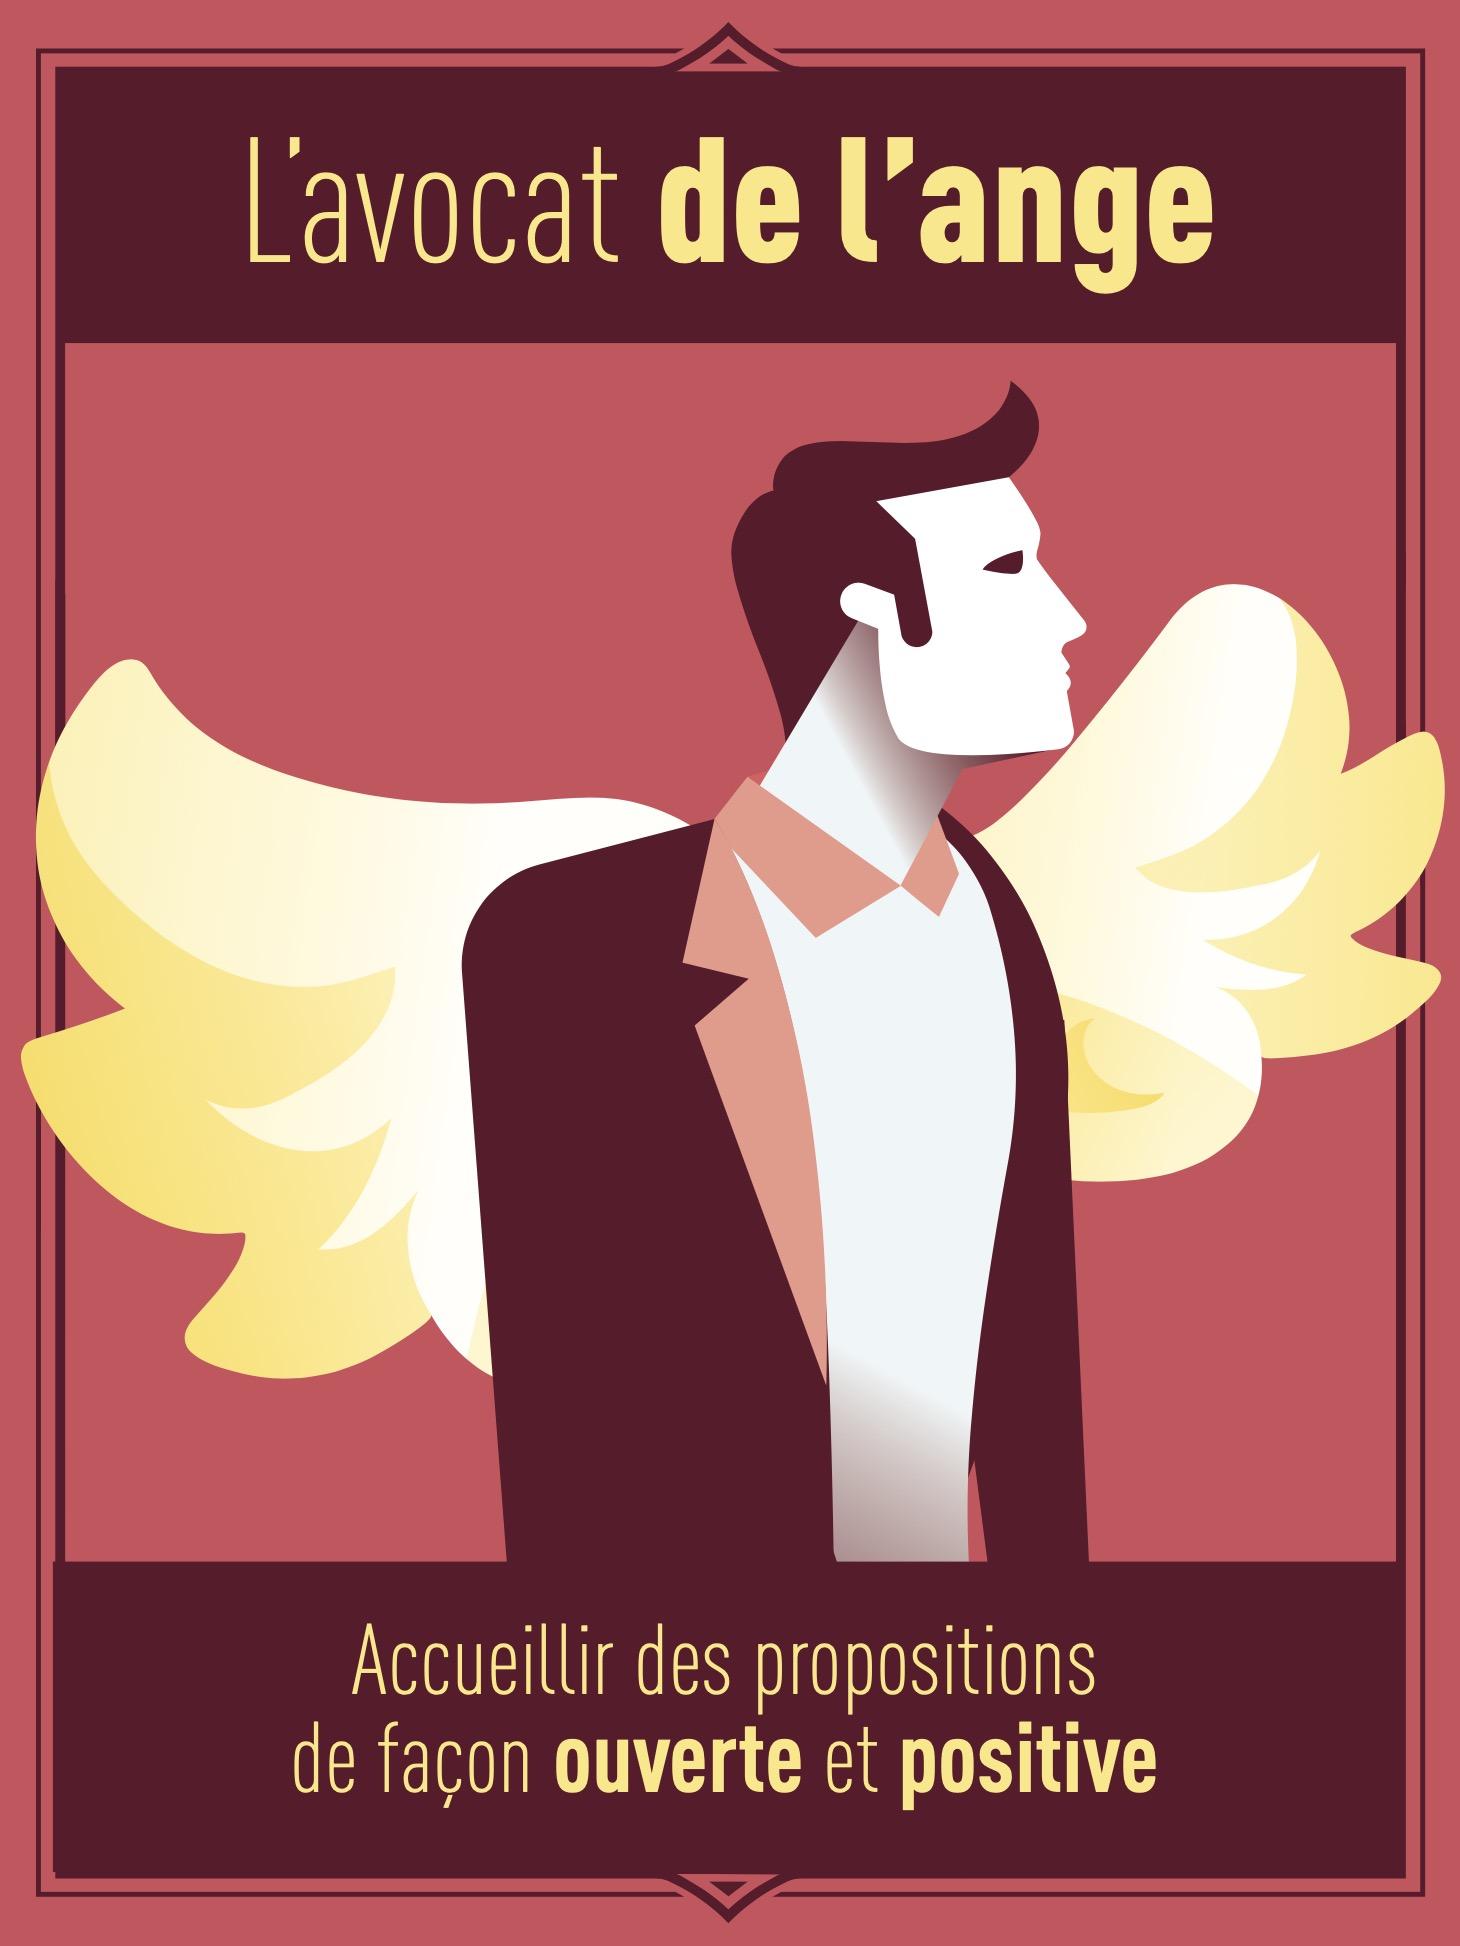 L'avocat de l'ange : Accueillir des propositions de façon ouverte et positive